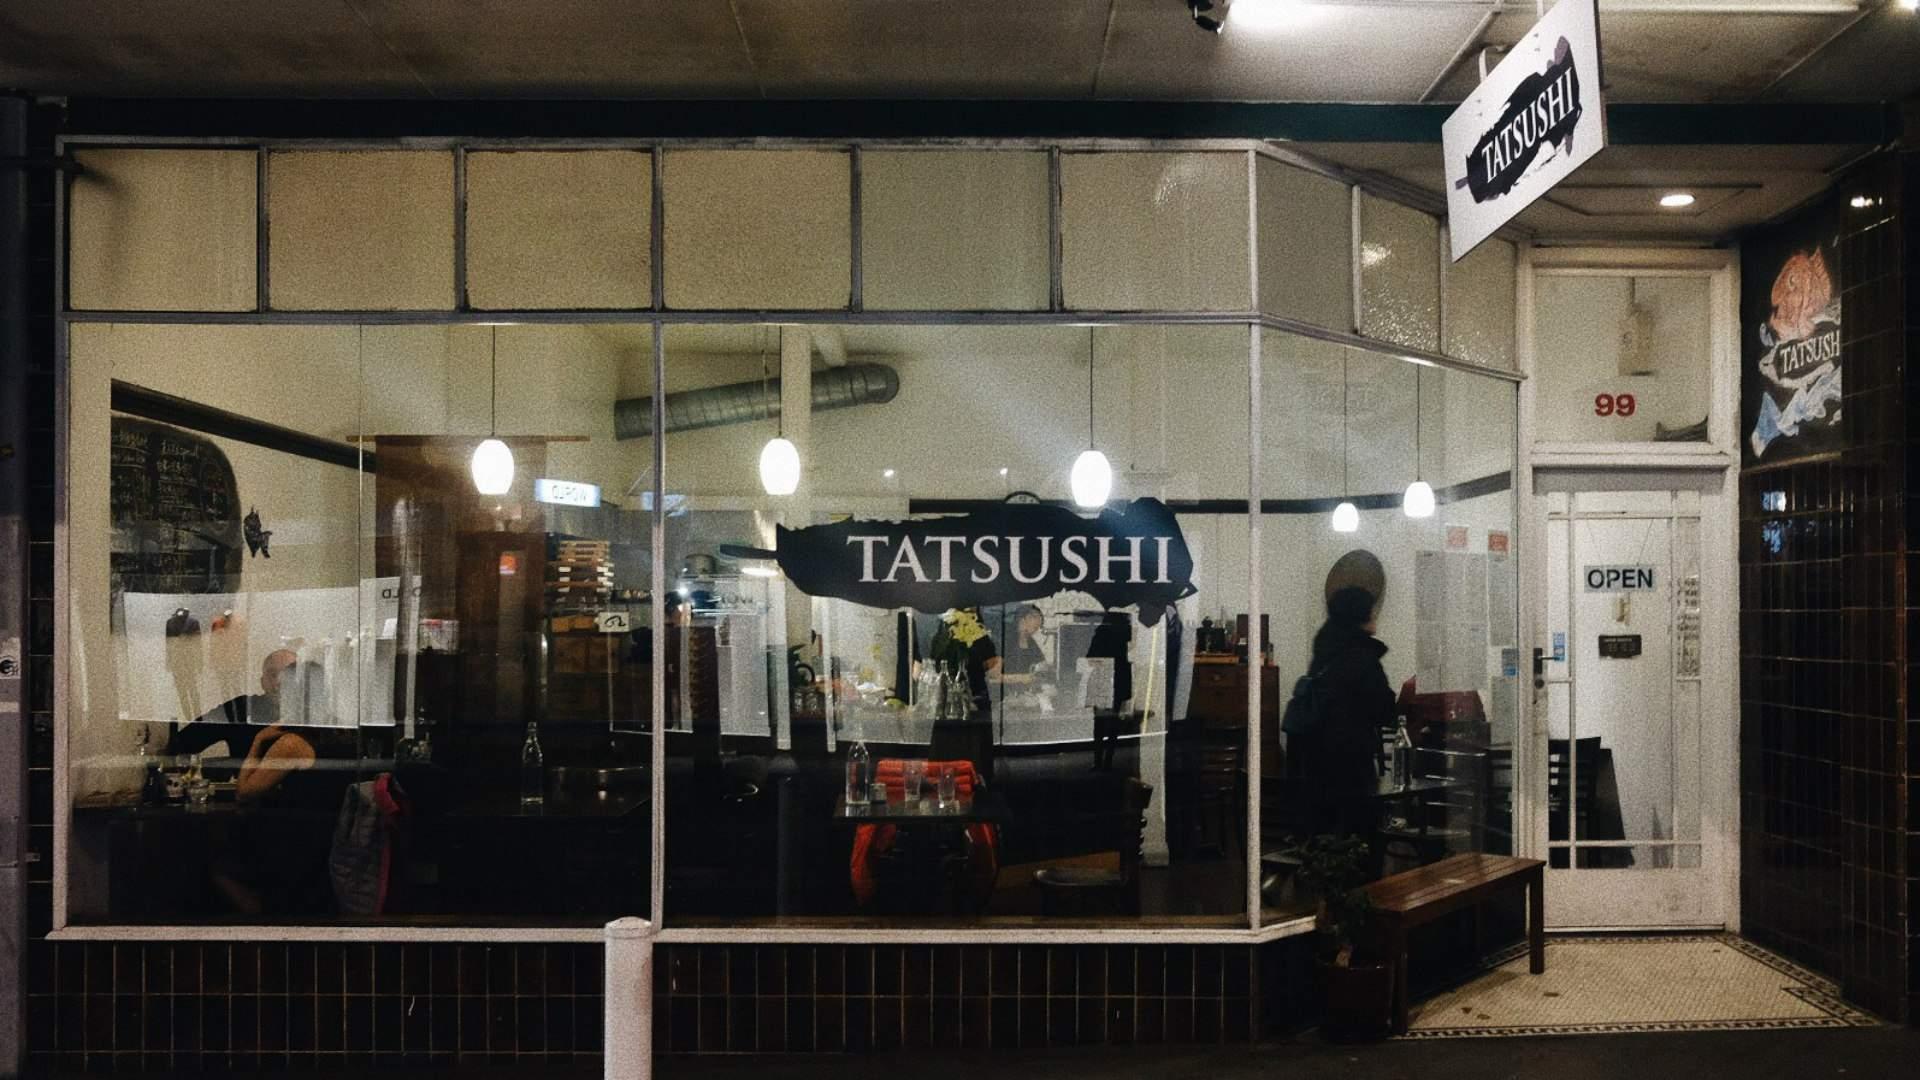 Tatsushi